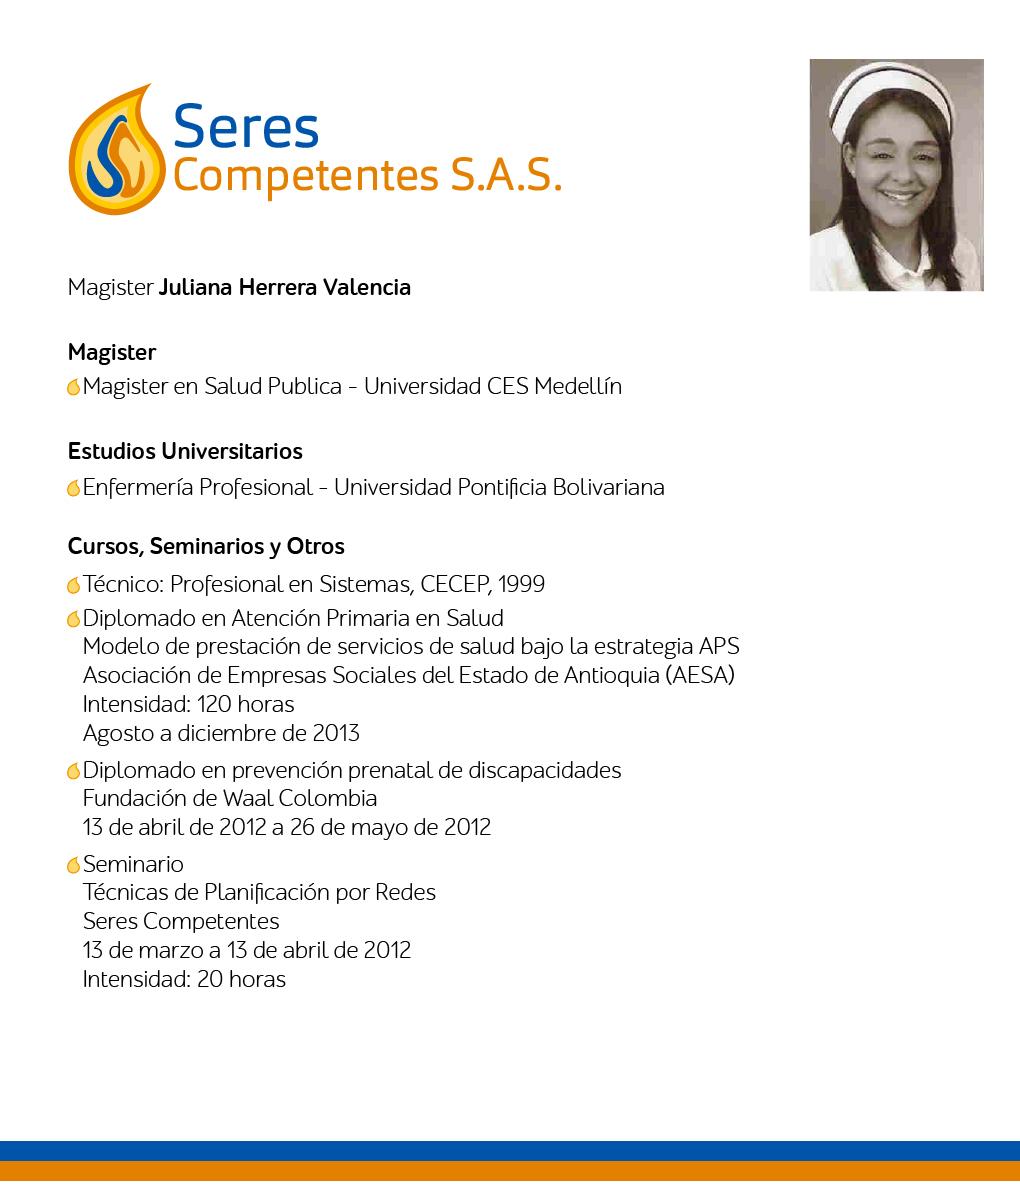 JULIANA-HERRERA-VALENCIA-1